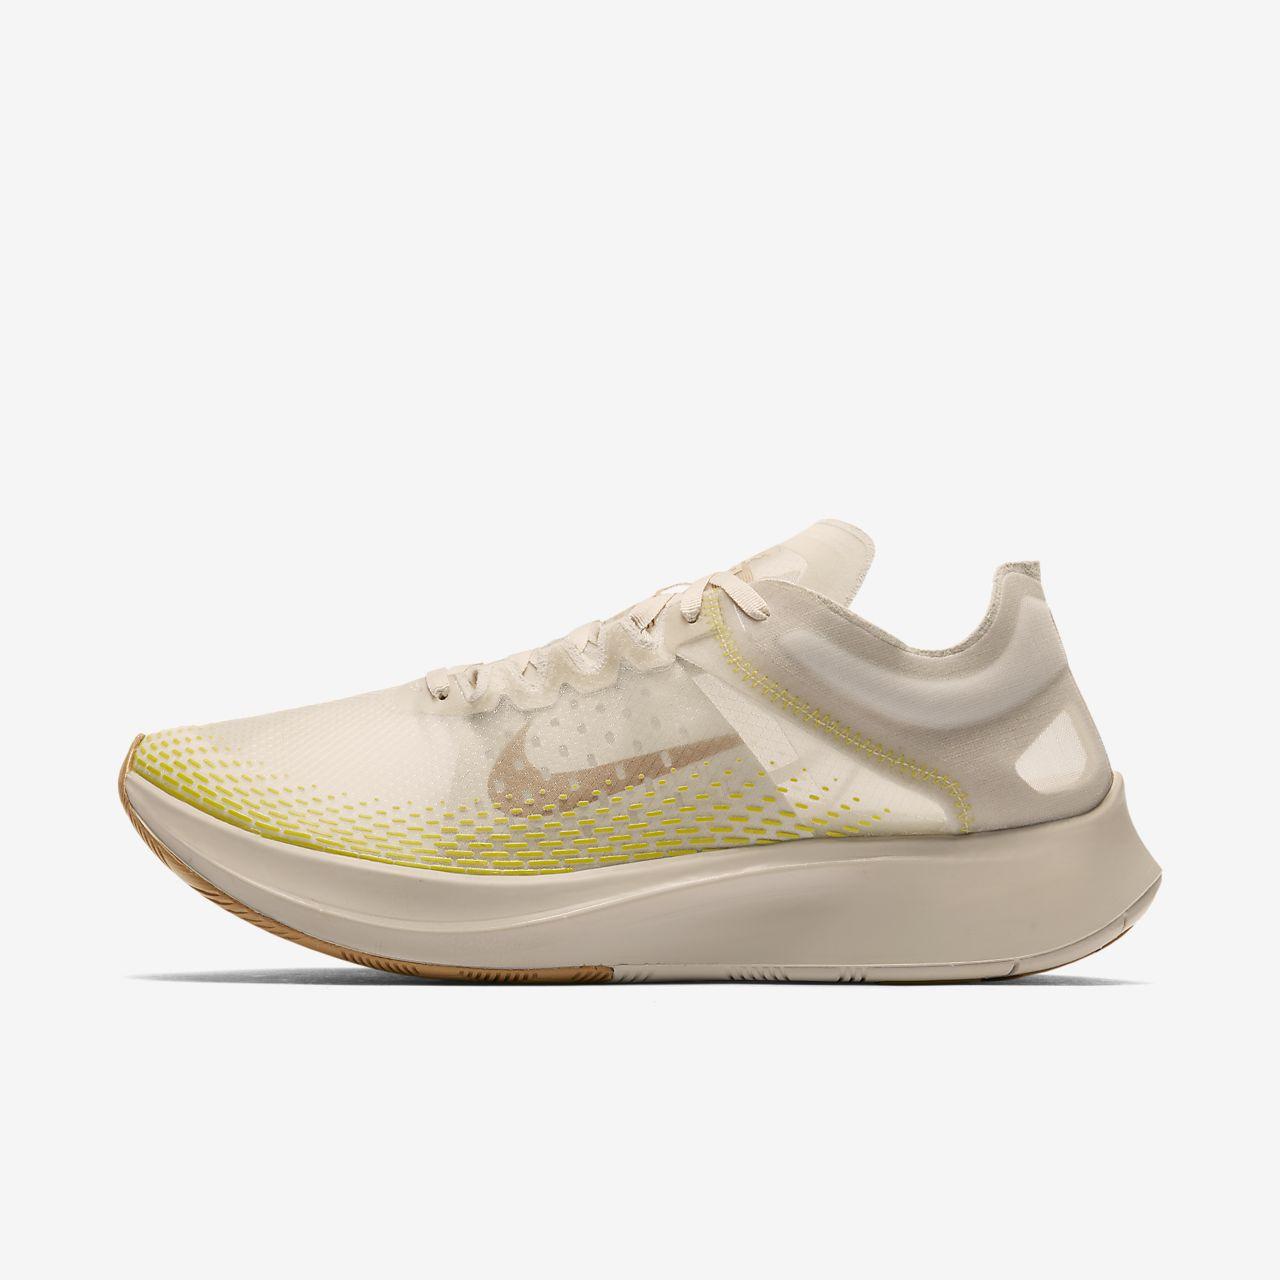 b47e4e2d2a75a Nike Zoom Fly SP Fast Running Shoe. Nike.com PT